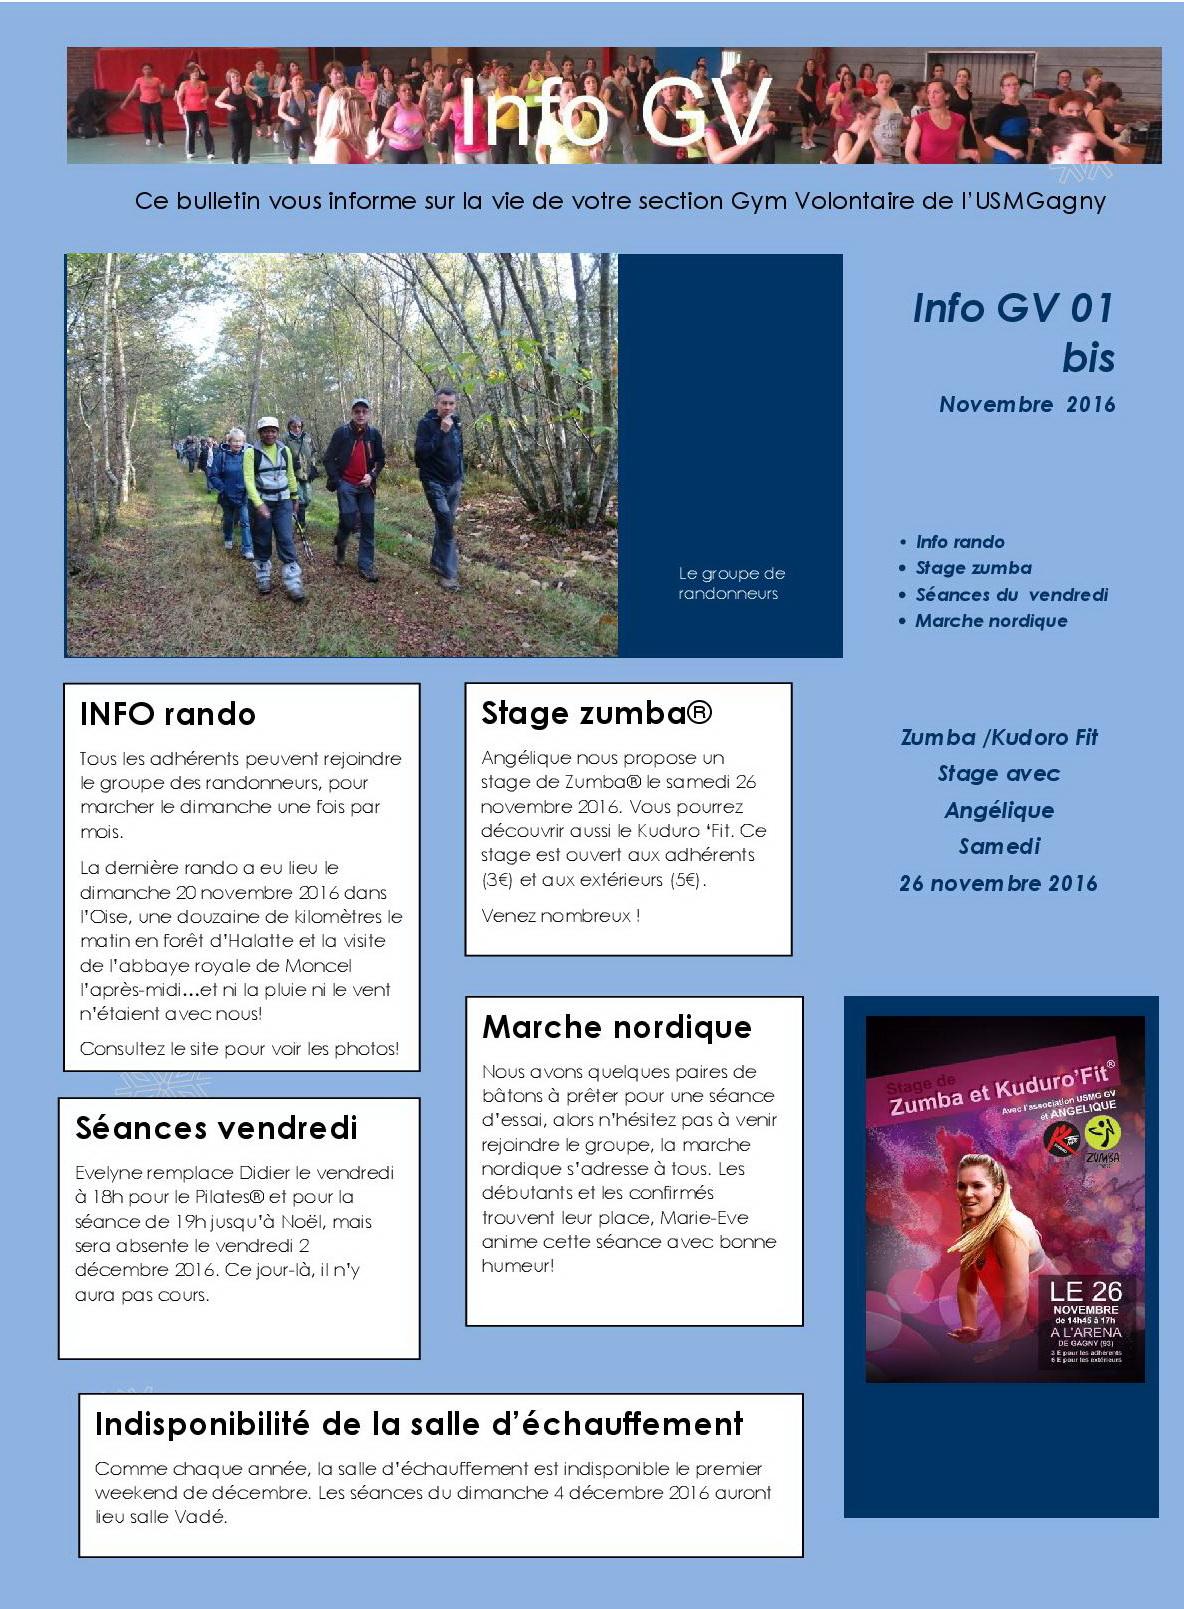 Info gv 01